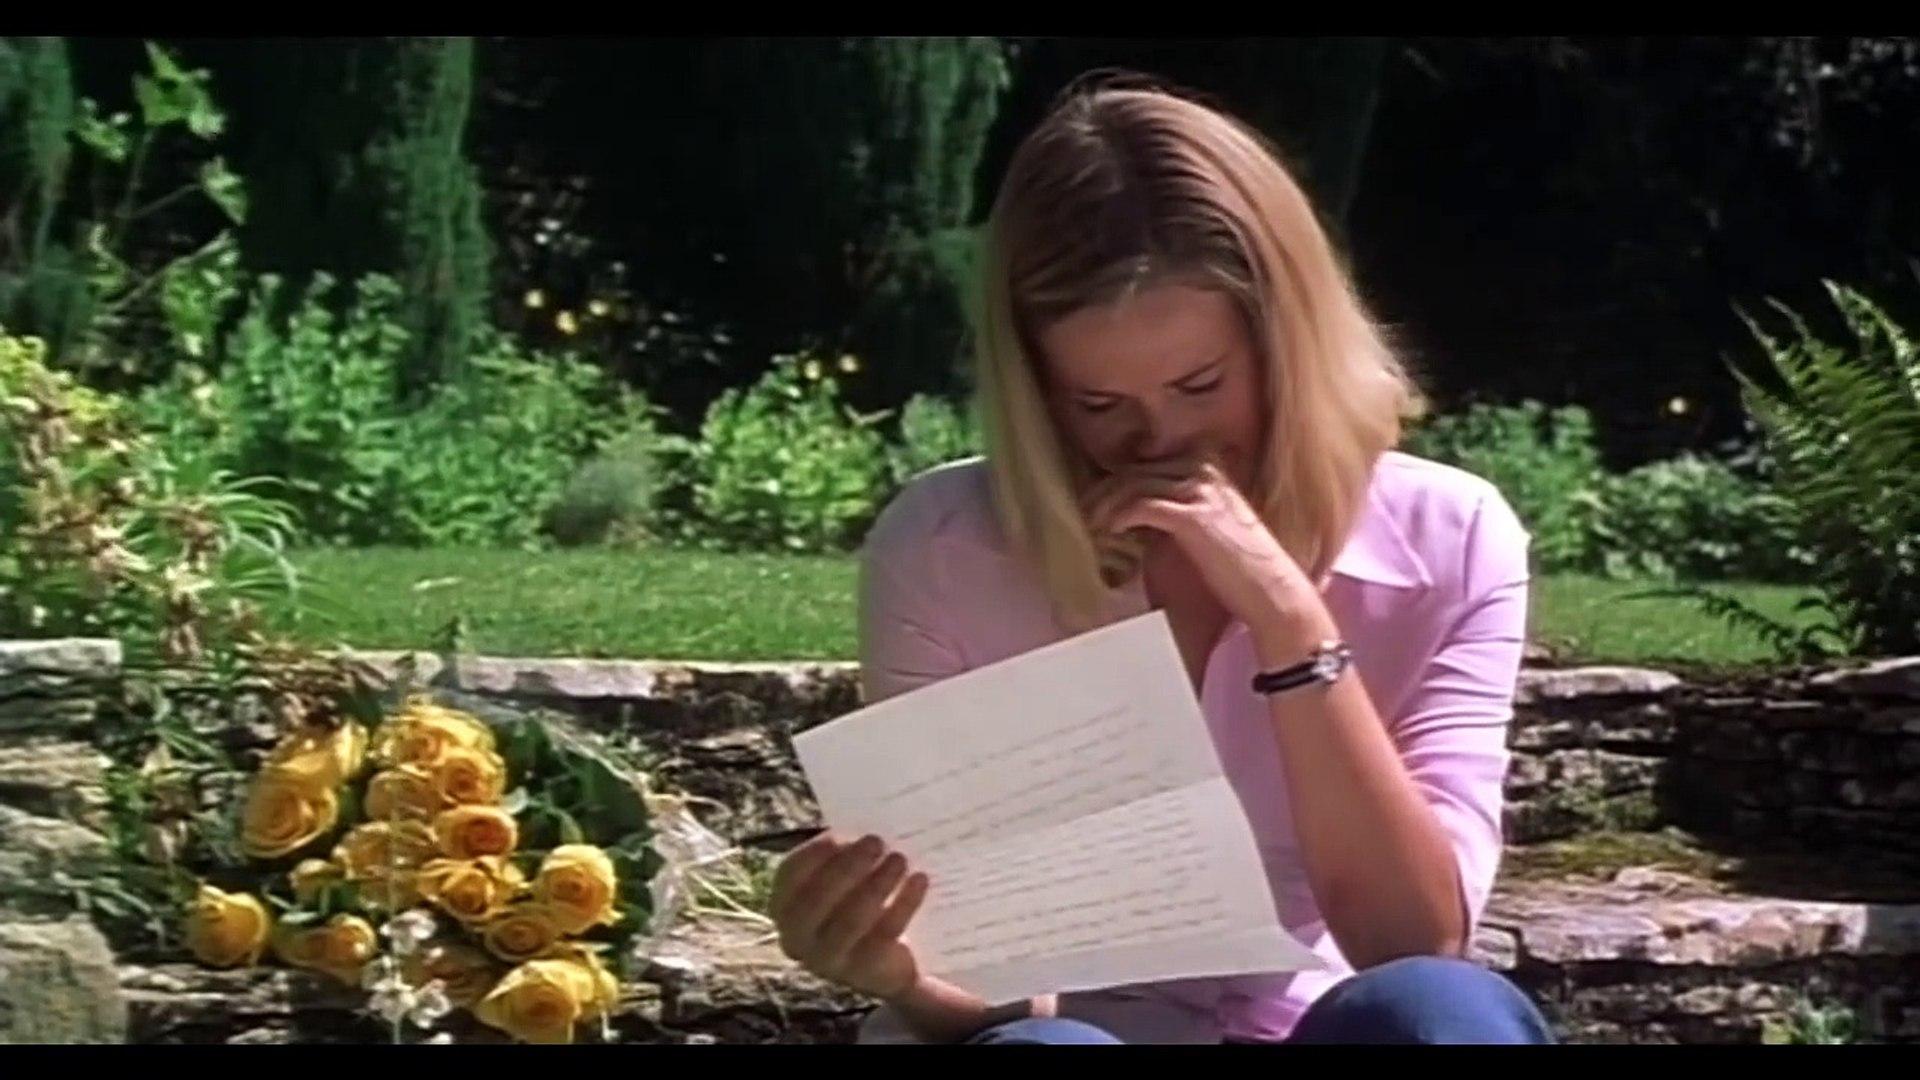 UNE PRISON DE RÊVE !♂️ COMÉDIE AVEC CLIVE OWEN -FILM Cmplet EN FRANÇAIS prt 2/2